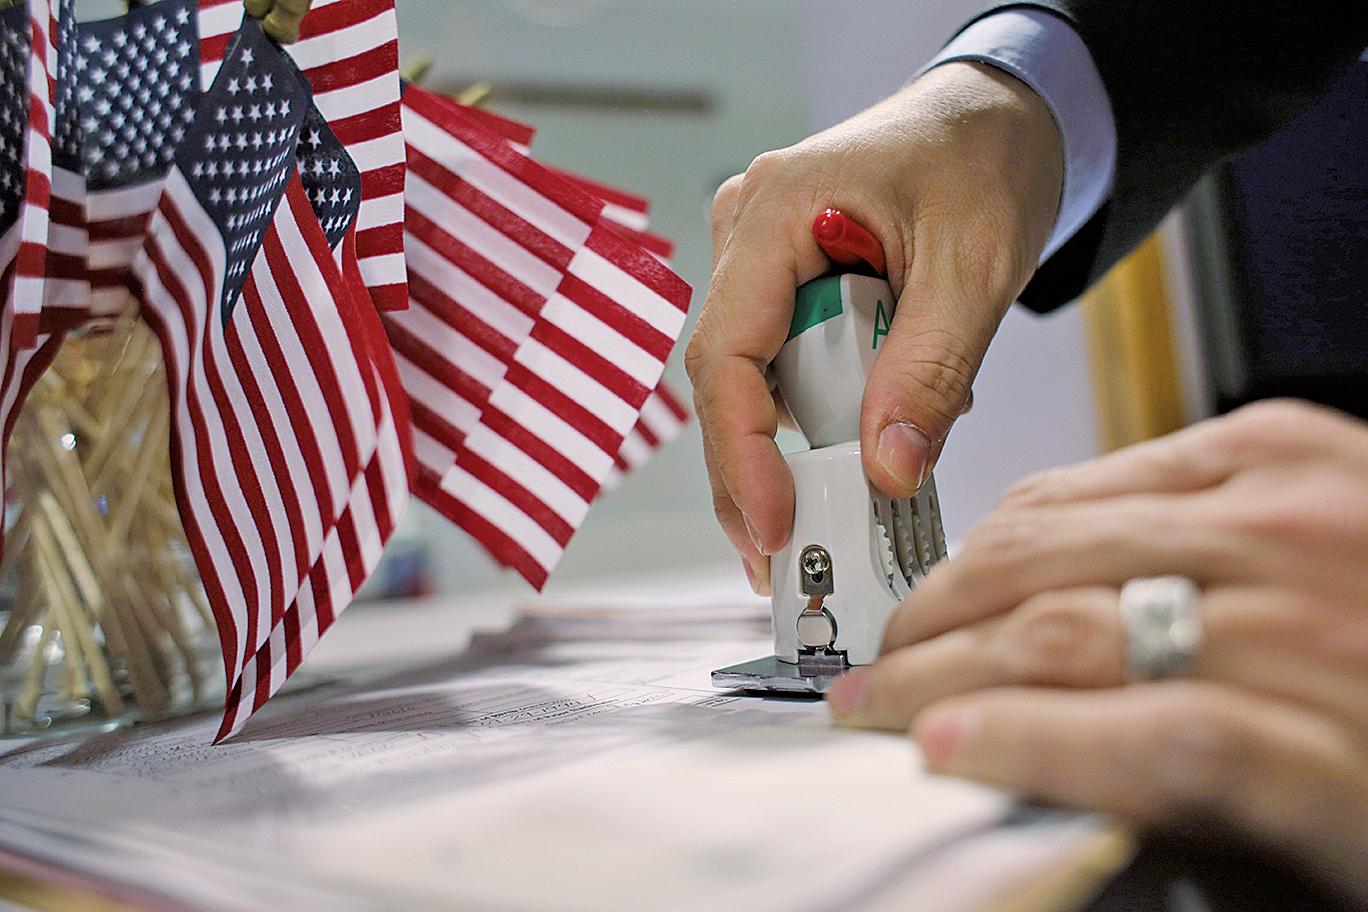 美國移民局(USCIS)正式公佈對EB-5投資移民一系列重大修改,其中一項是將最低投資額從100萬美元提升至180萬美元。(Getty Images)